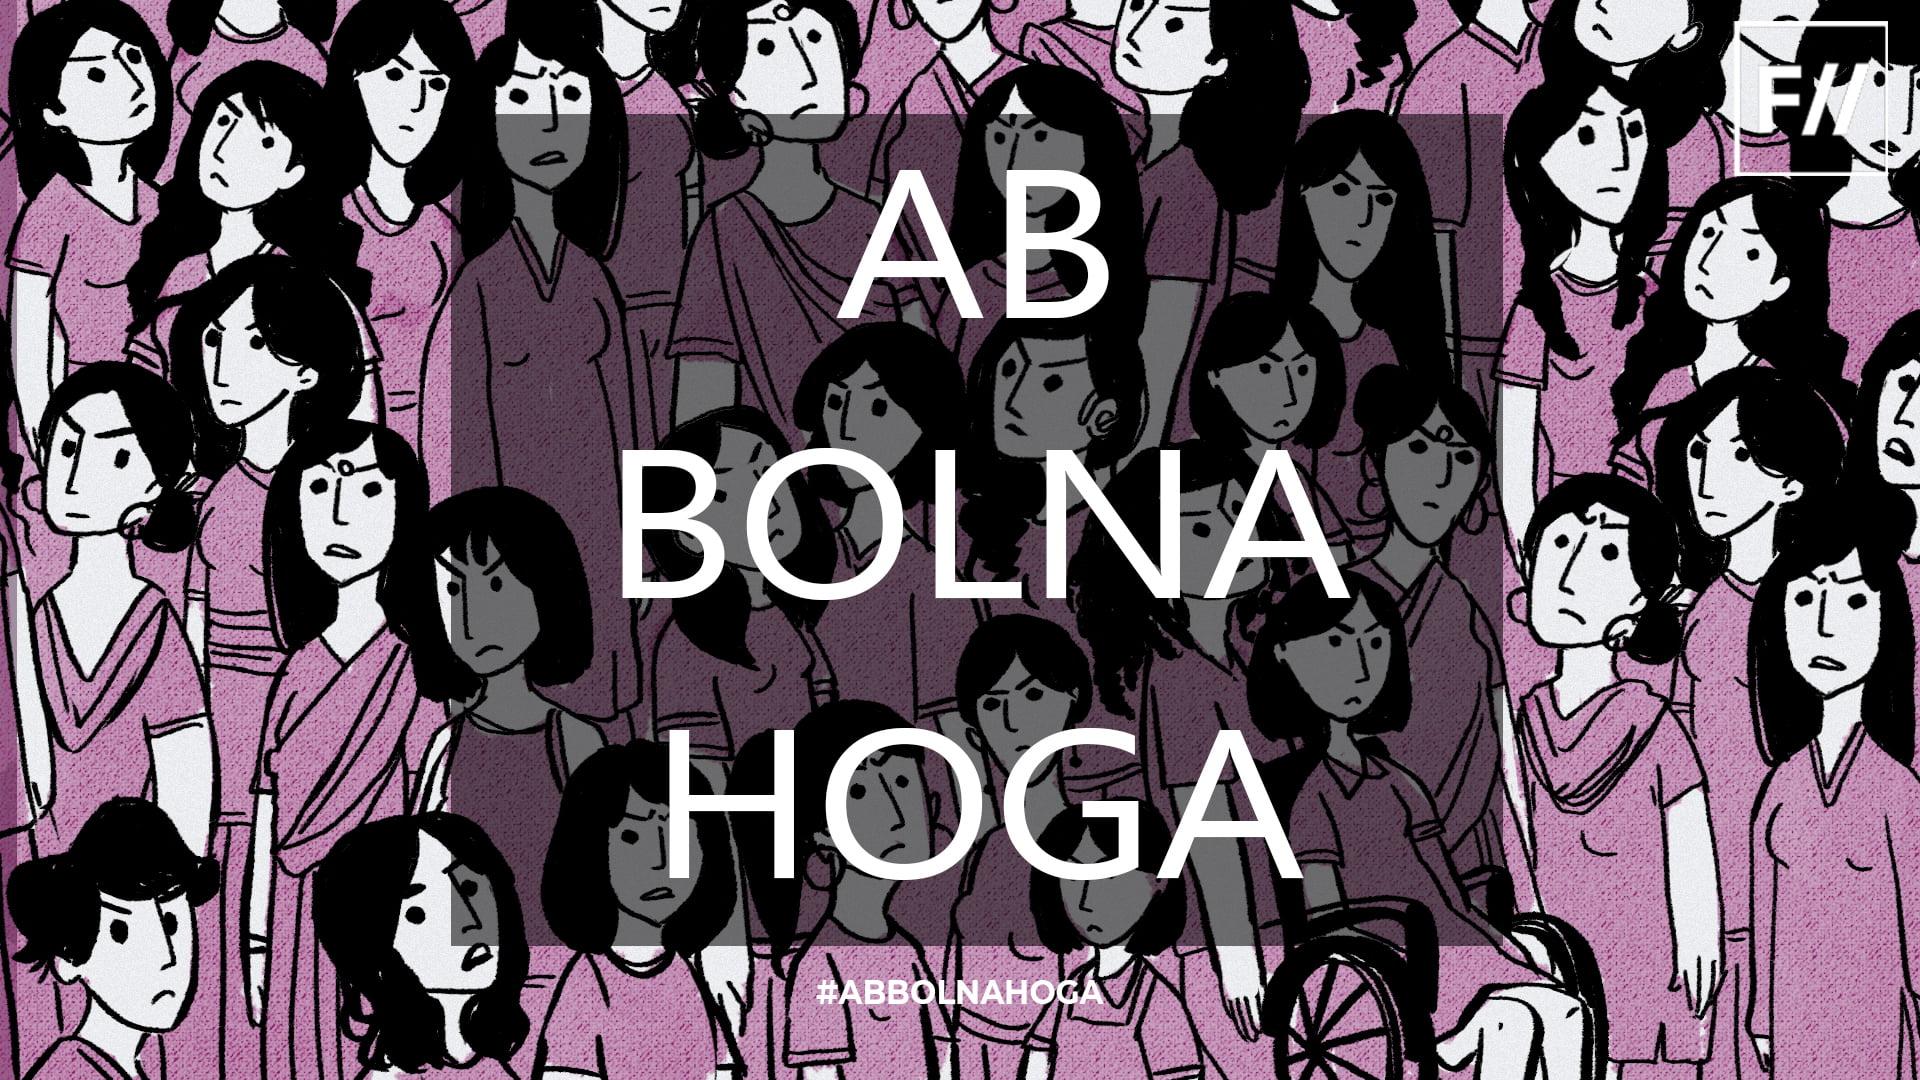 ऑफलाइन हिंसा का विस्तार है ऑनलाइन हिंसा| #AbBolnaHoga